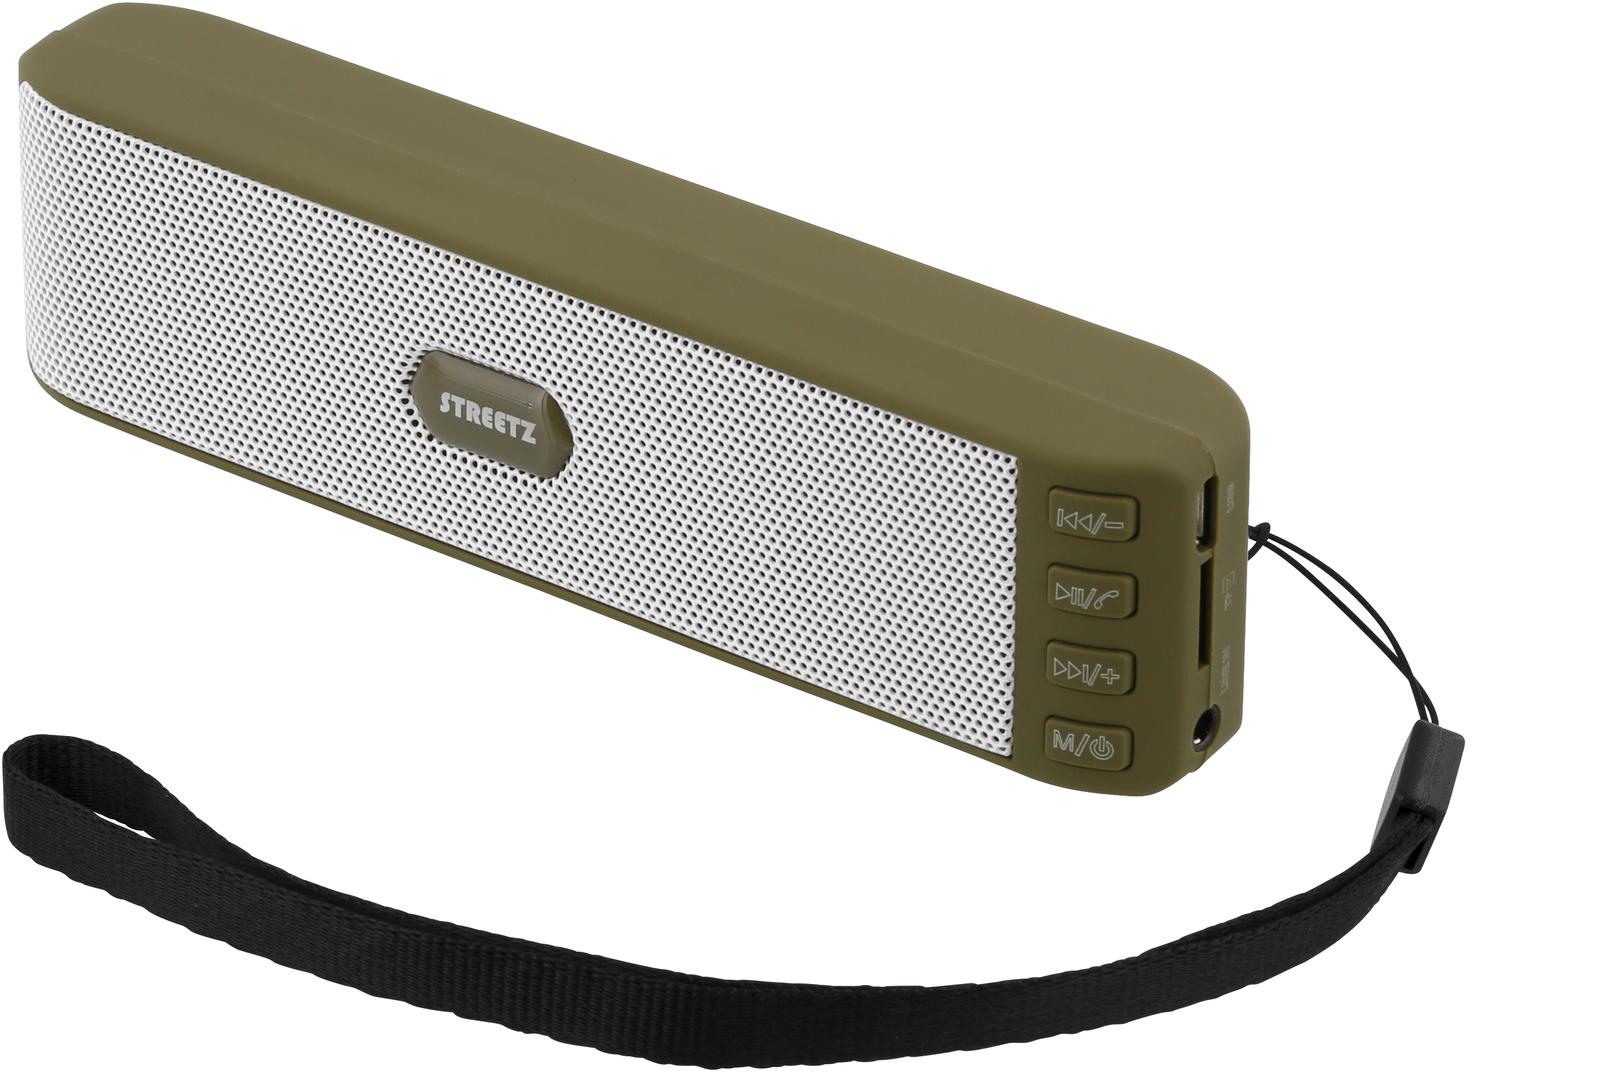 Köp Streetz Bluetooth   FM-Speaker - iPhonebutiken.se 81439ba432e7e